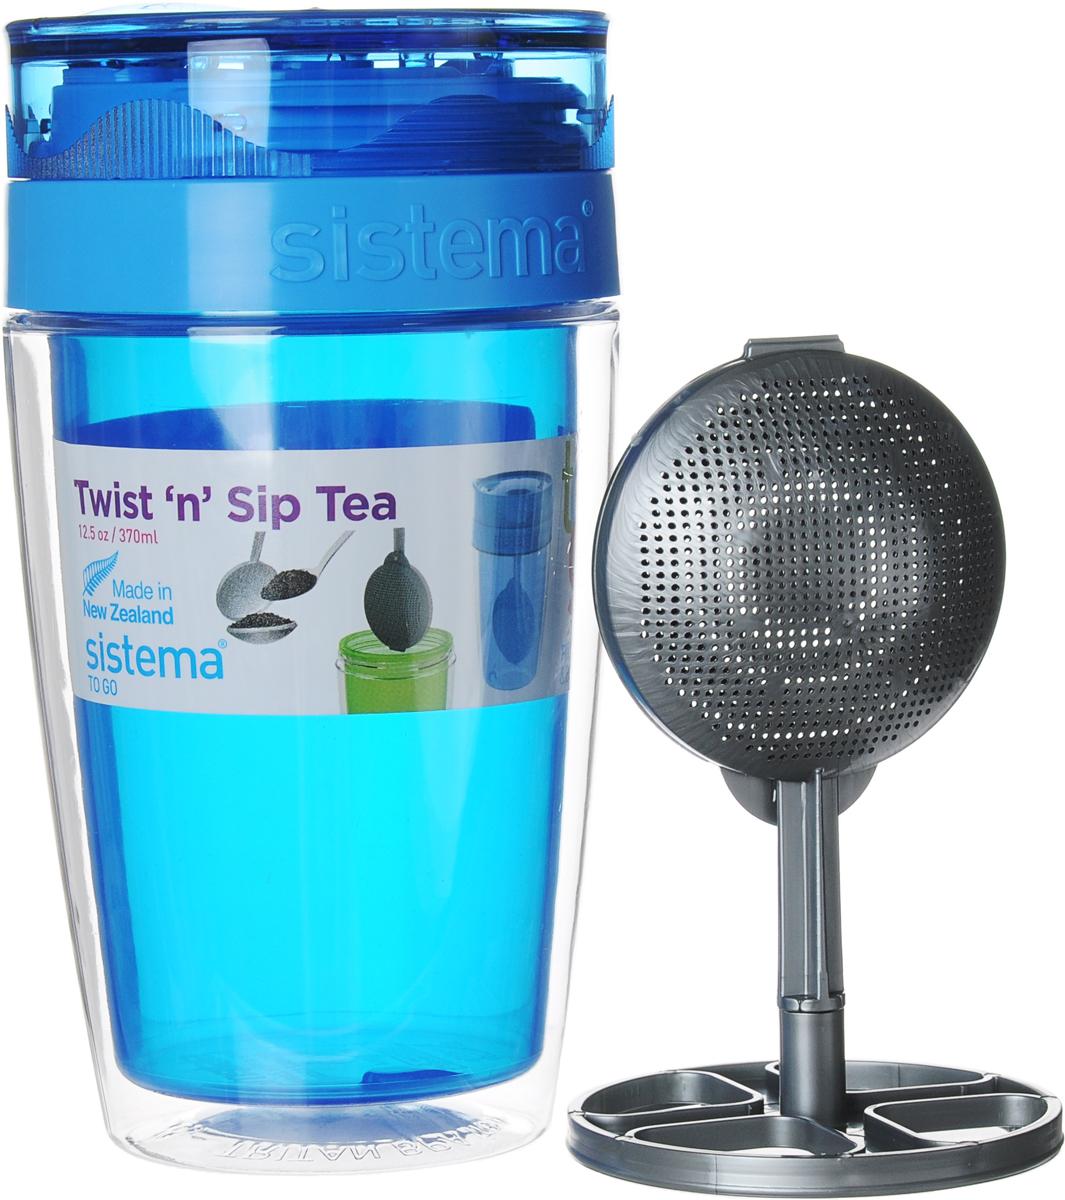 Термокружка Sistema Чай с собой, цвет: синий, 370 мл21476_синийТермокружка Sistema Чай с собой изготовлена изпрочного пищевого пластика без содержания фенола идругих вредных примесей. Двойные стенки изделияпозволяют напитку дольше оставаться горячим изащищают ваши руки от ожогов. Термокружка имеетуникальную запатентованную систему крышки TwistnSipTea, которая предотвращает выливание жидкости и в тоже время позволяет удобно пить напитки.С такой термокружкой вы сможете где угодно насладитьсячаем, изделие удобно брать с собой.Можно мыть в посудомоечной машине.